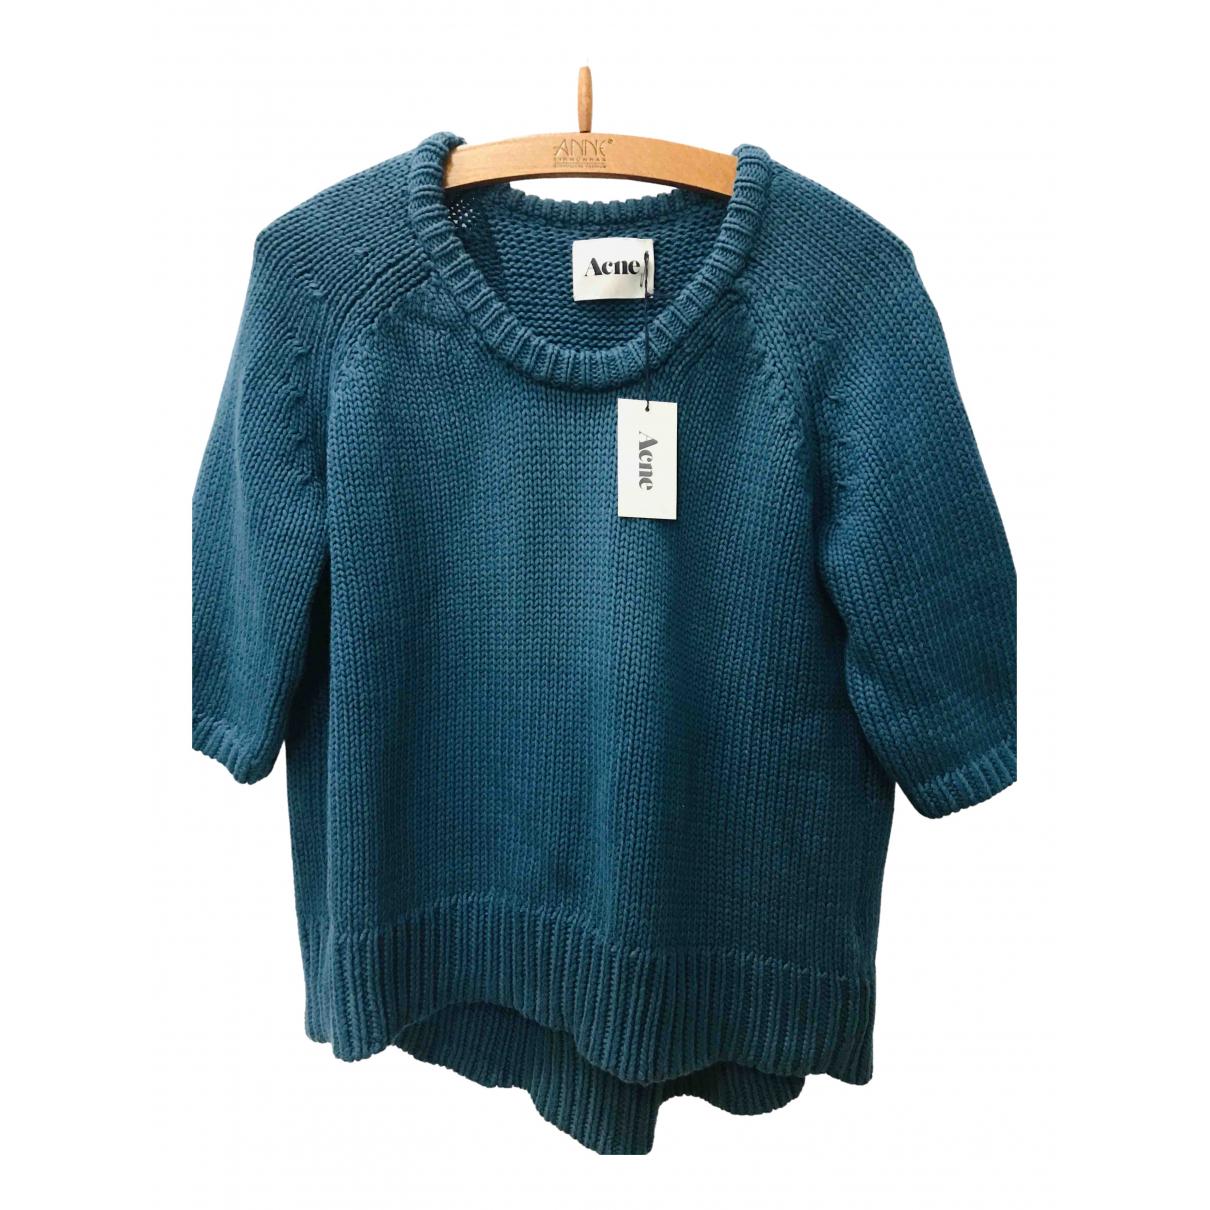 Acne Studios N Cotton Knitwear for Women M International